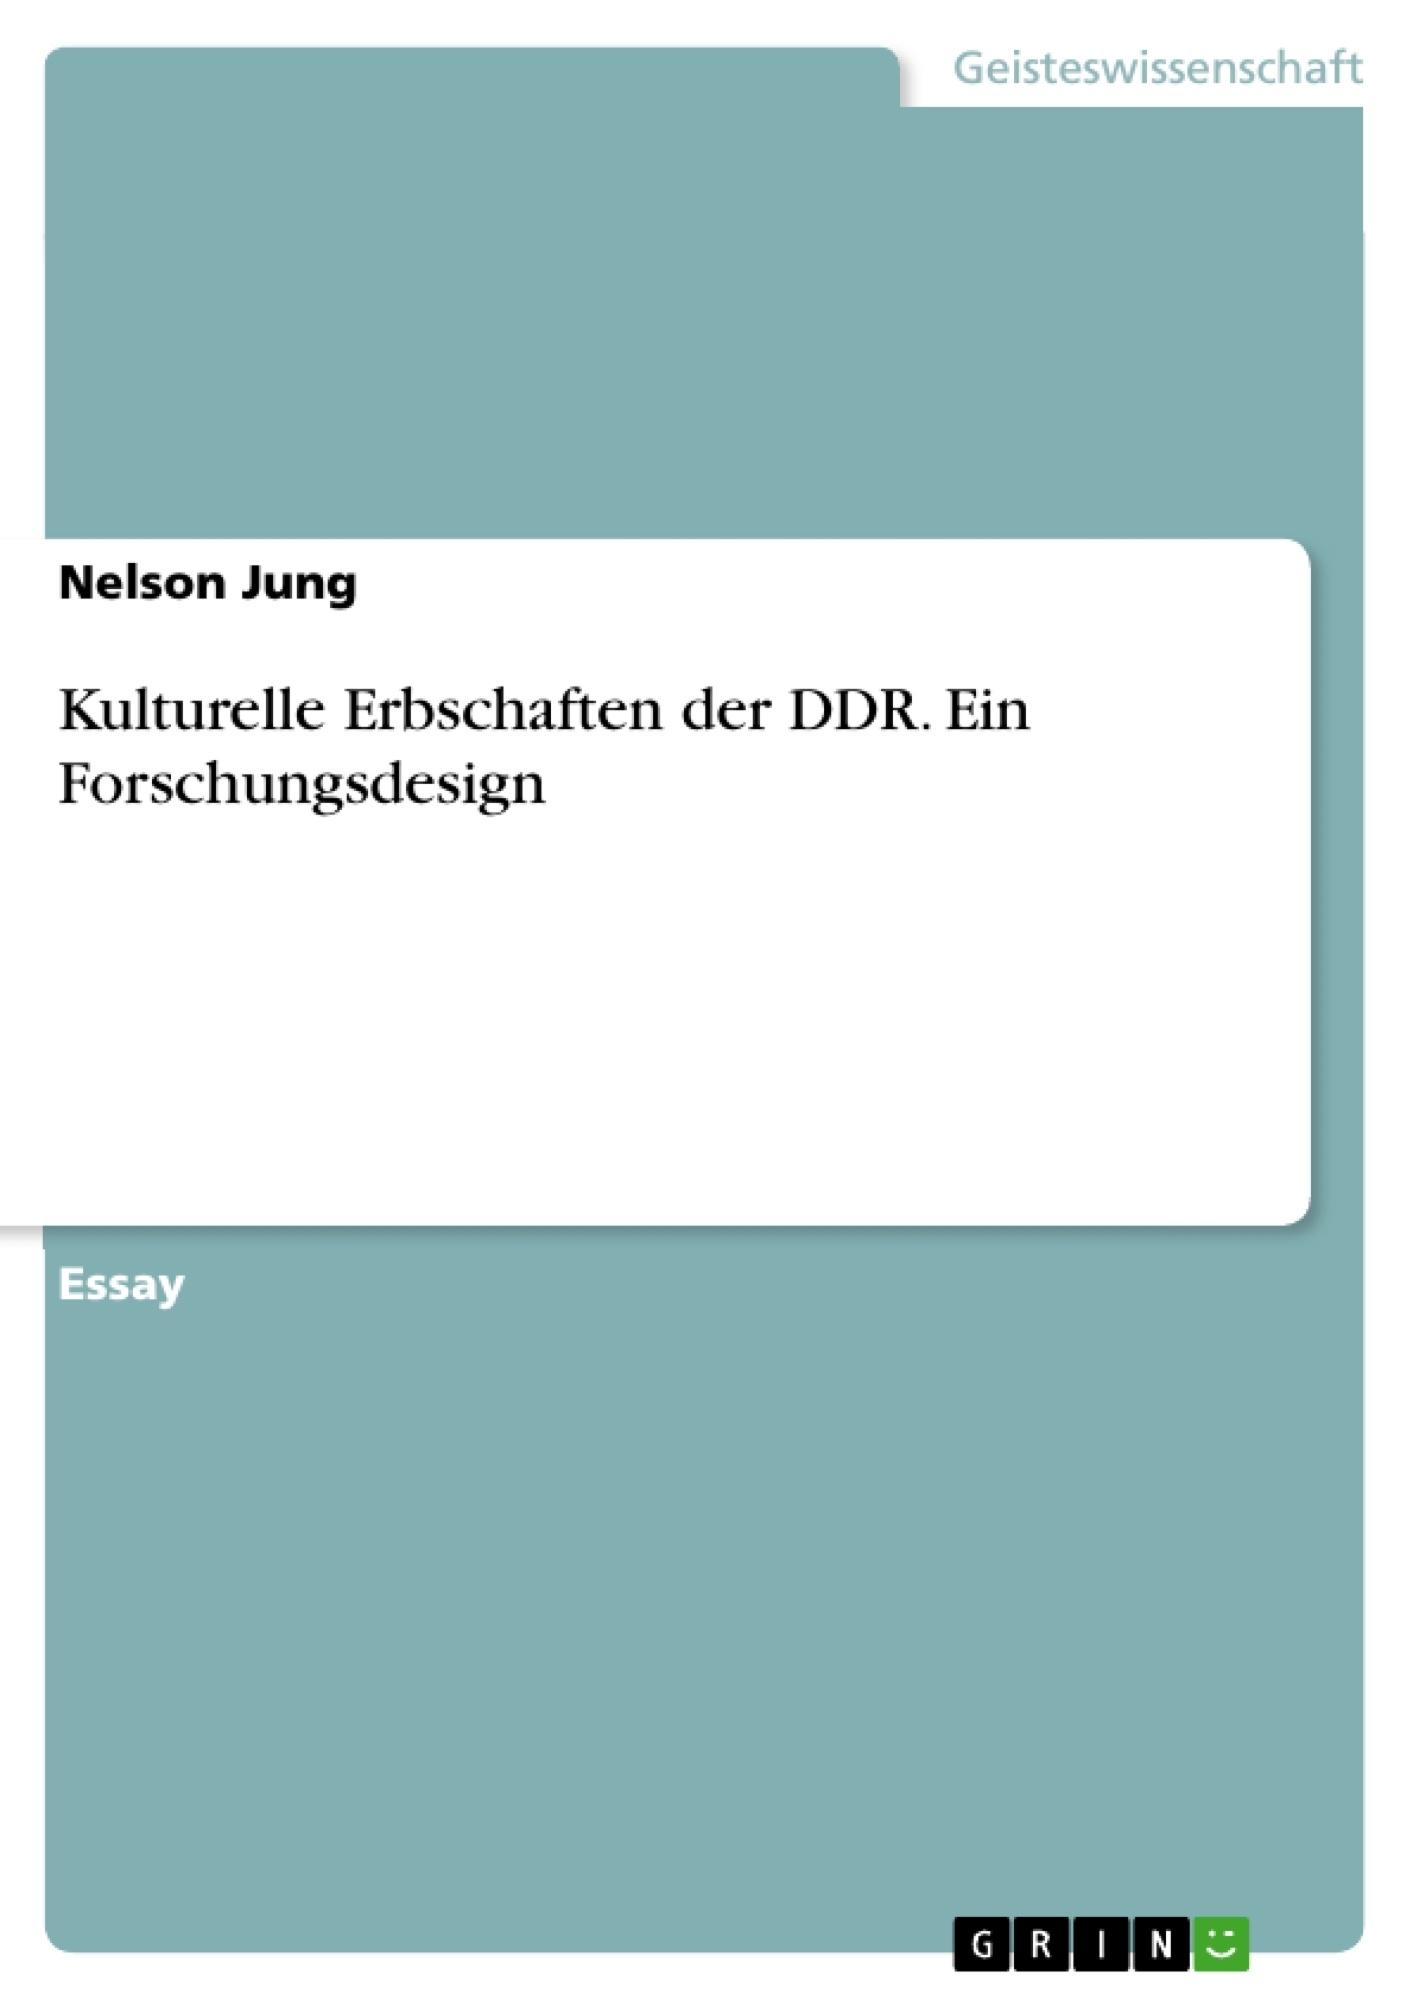 Titel: Kulturelle Erbschaften der DDR. Ein Forschungsdesign